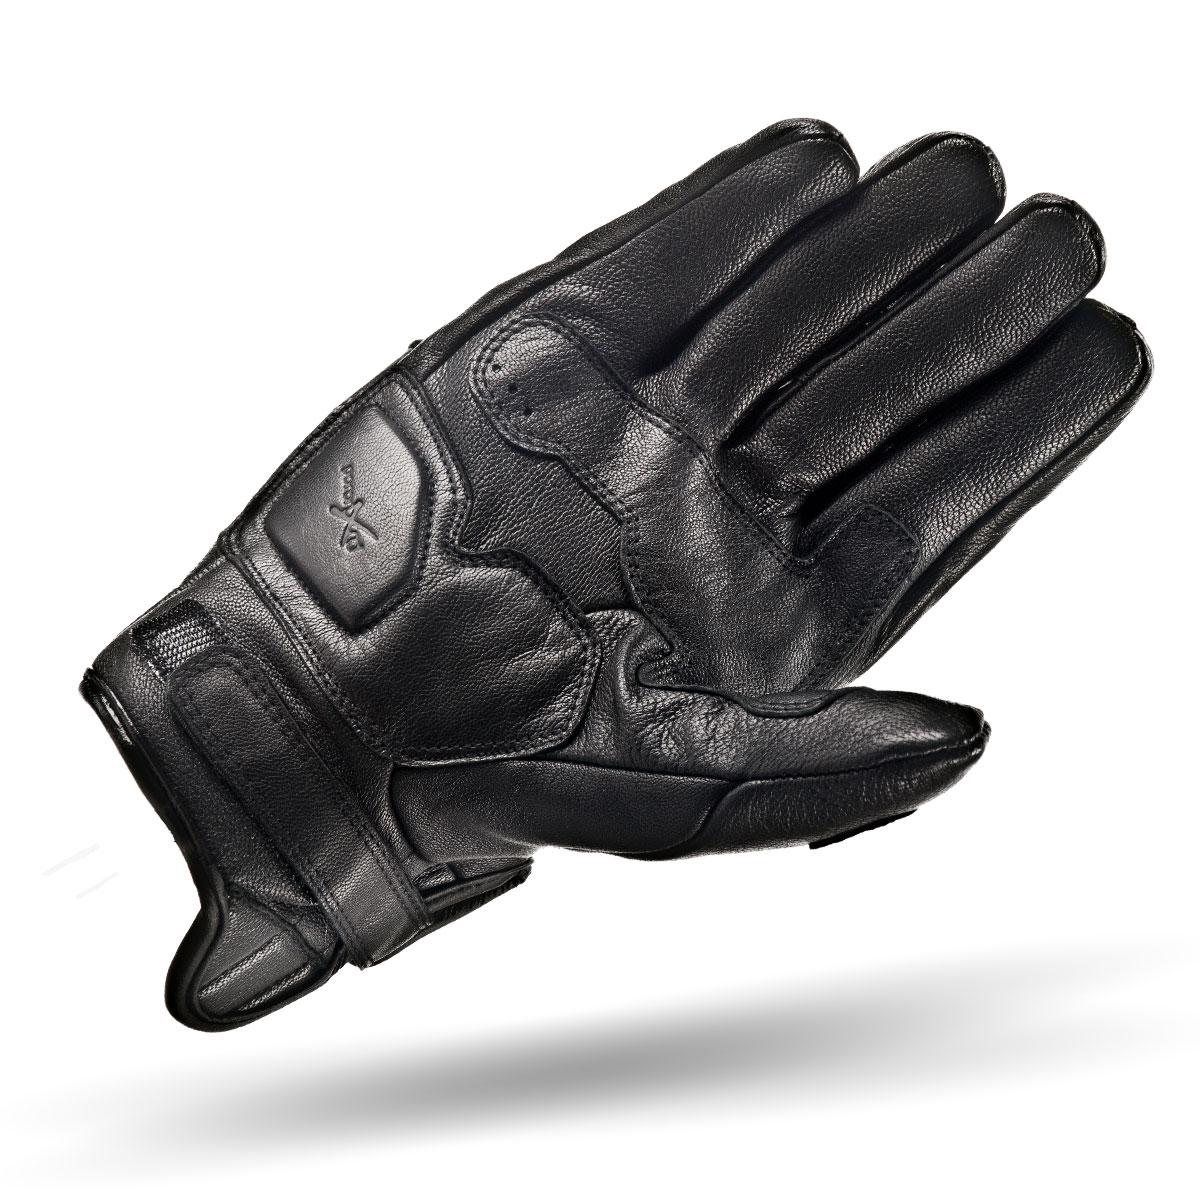 Motorcycle gloves singapore - Sleek